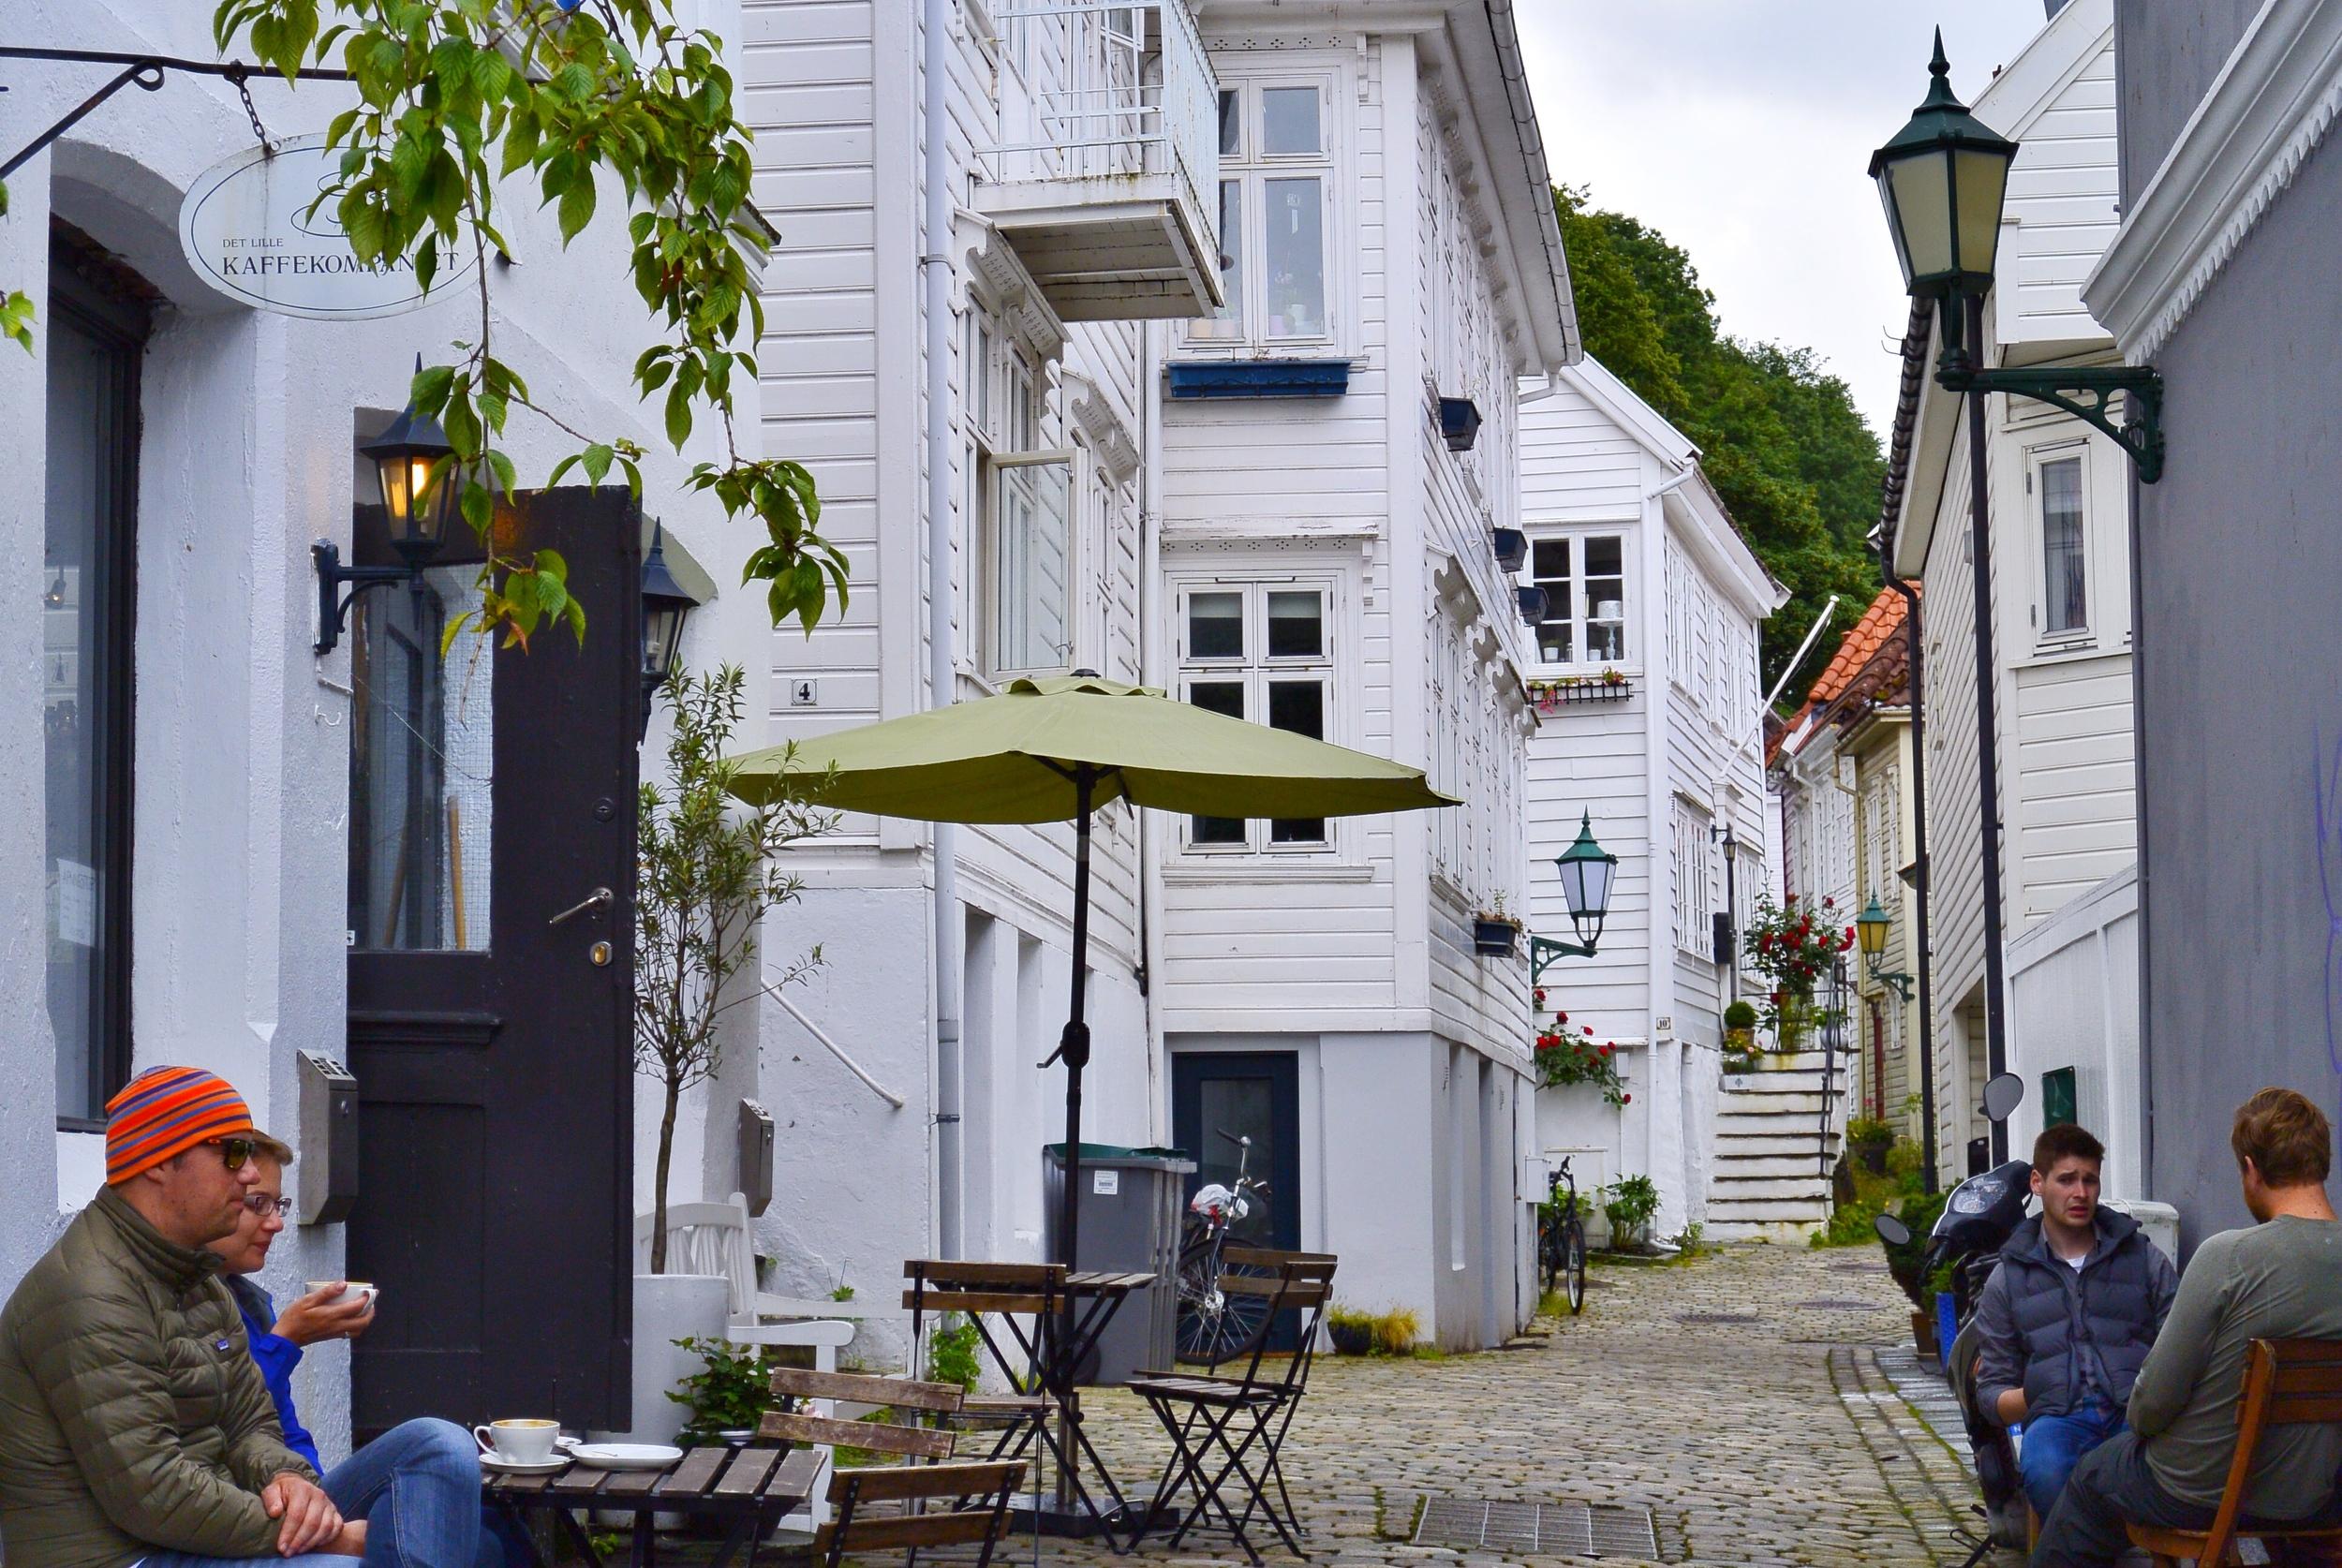 Det Lille Kaffeekompaniet Bergen